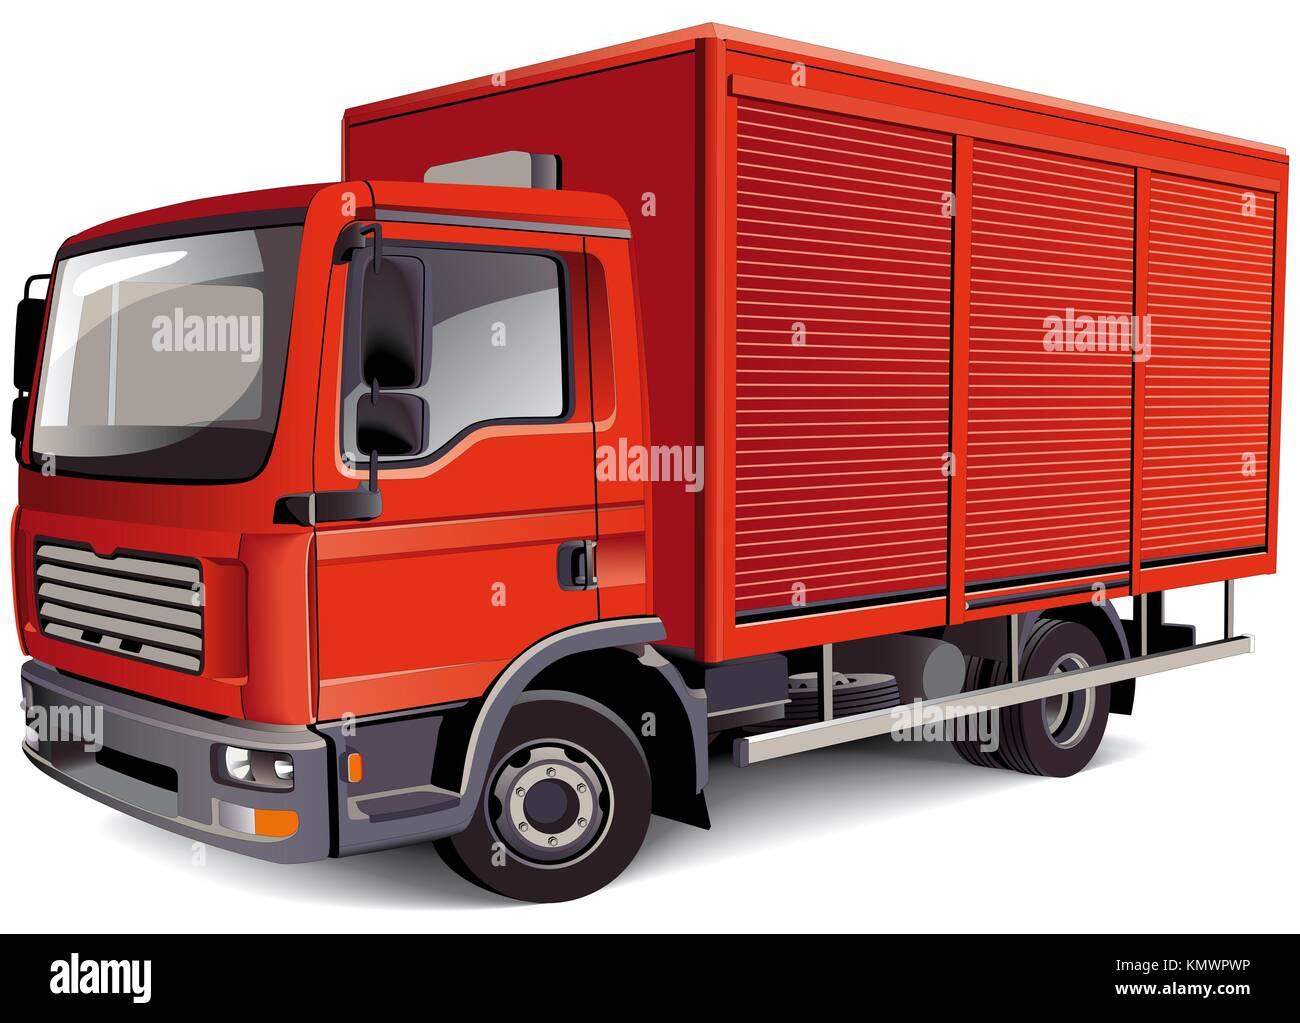 Dettagliata immagine vettoriale di rosso van, isolati su sfondo bianco contiene gradienti e miscele Foto Stock